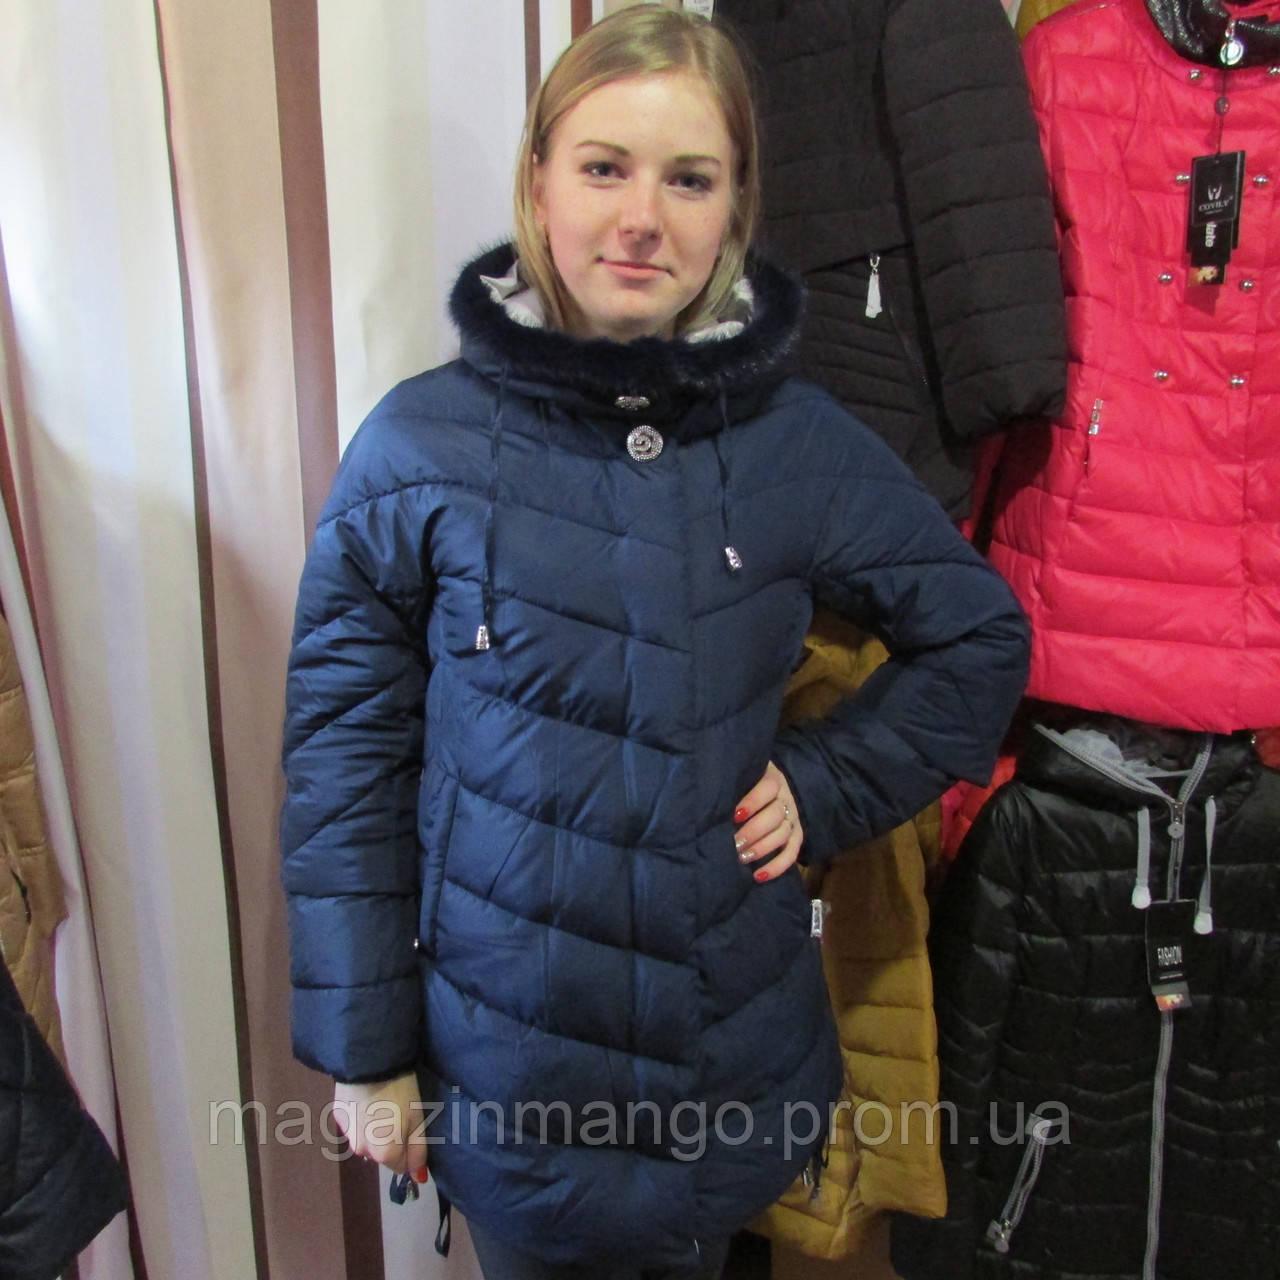 Манго магазин женской одежды доставка